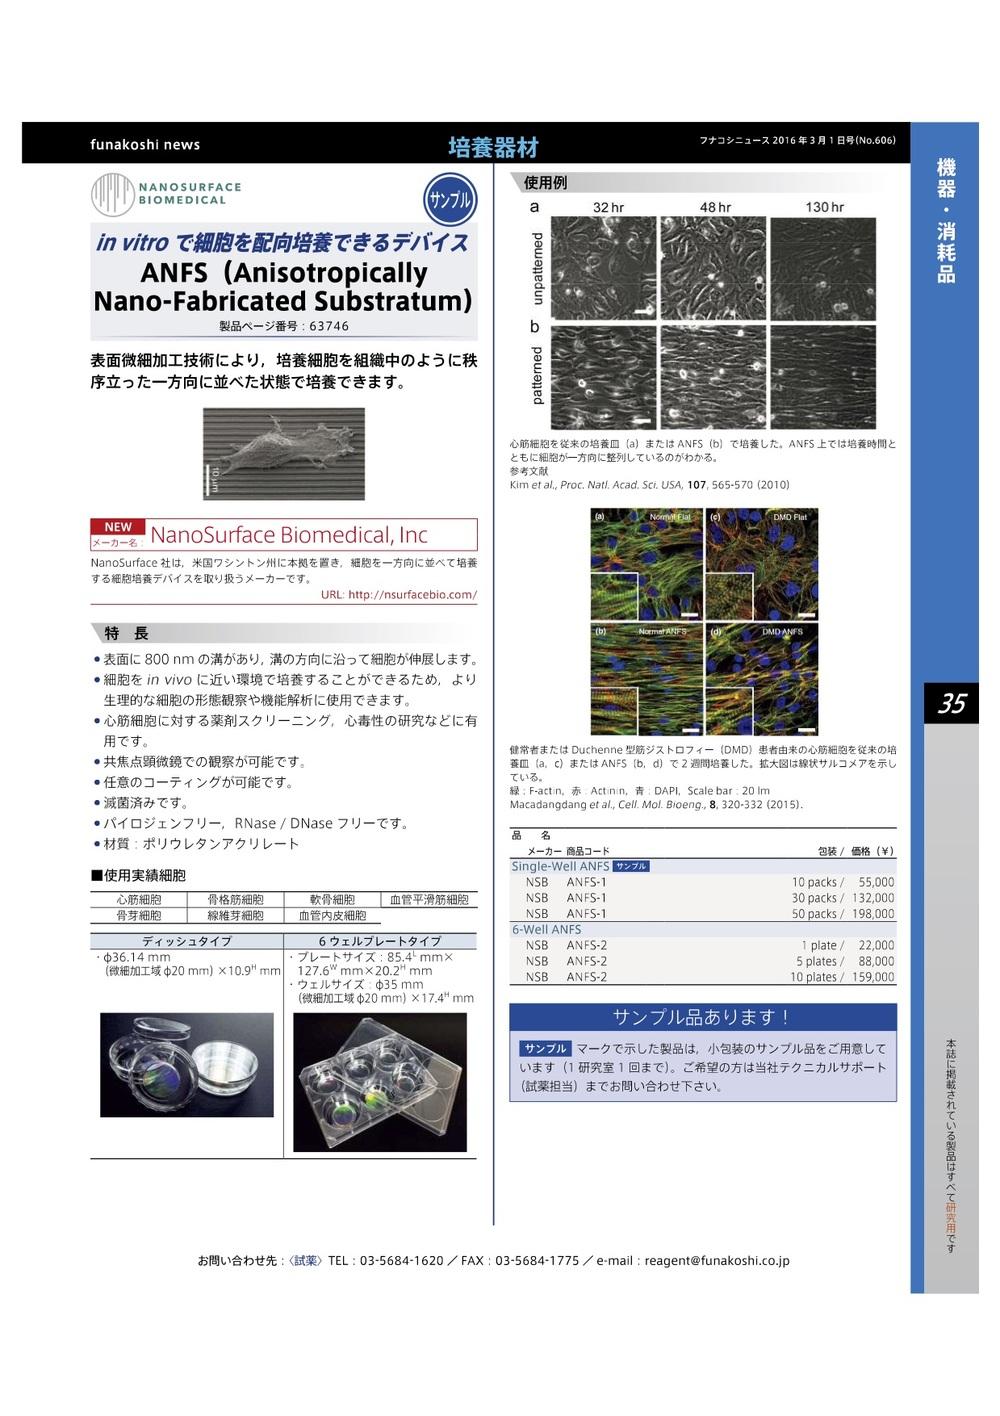 Funakoshi Ad 1.jpg